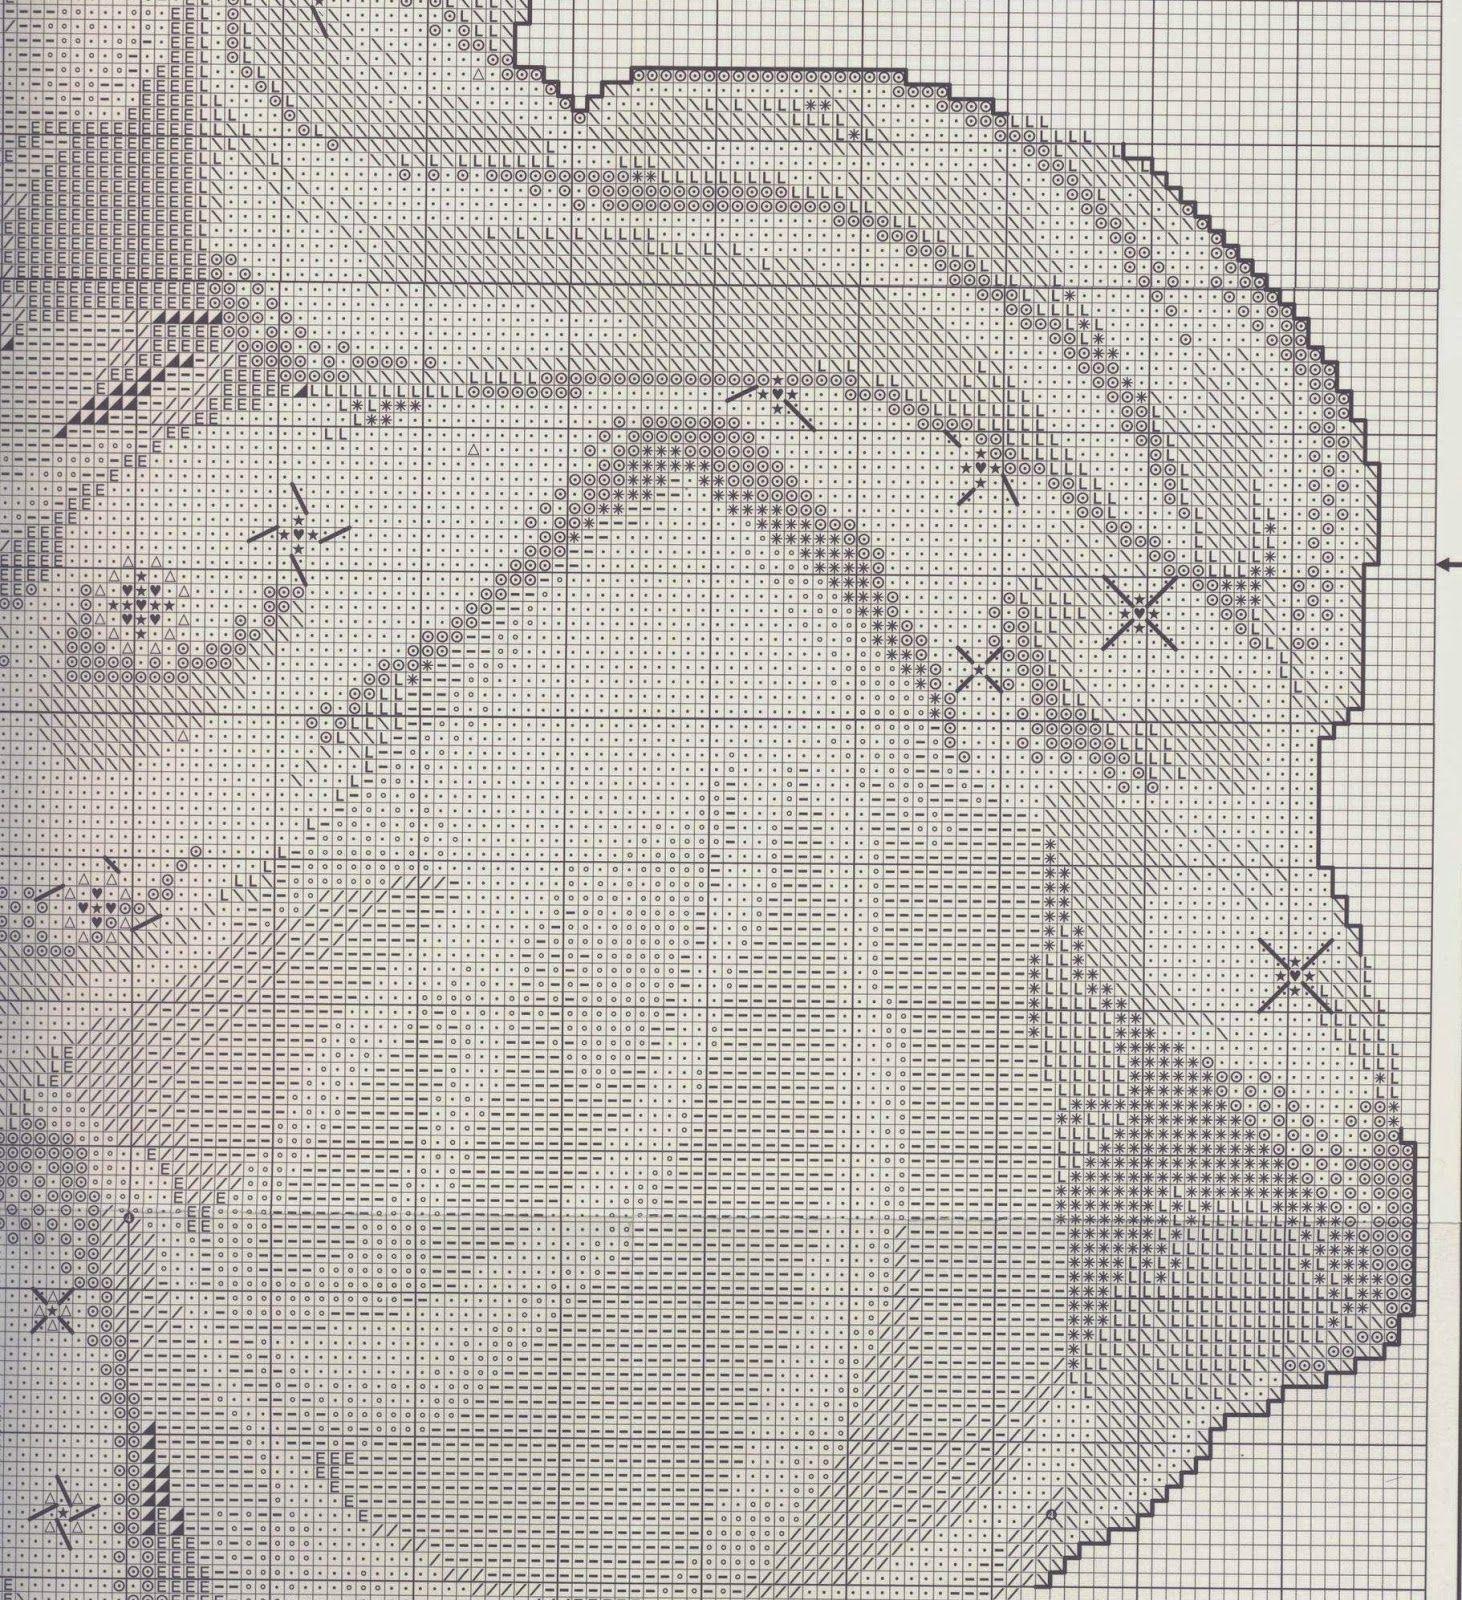 Pin de Conchi Marphy en Punto de cruz | Pinterest | Graficos punto ...